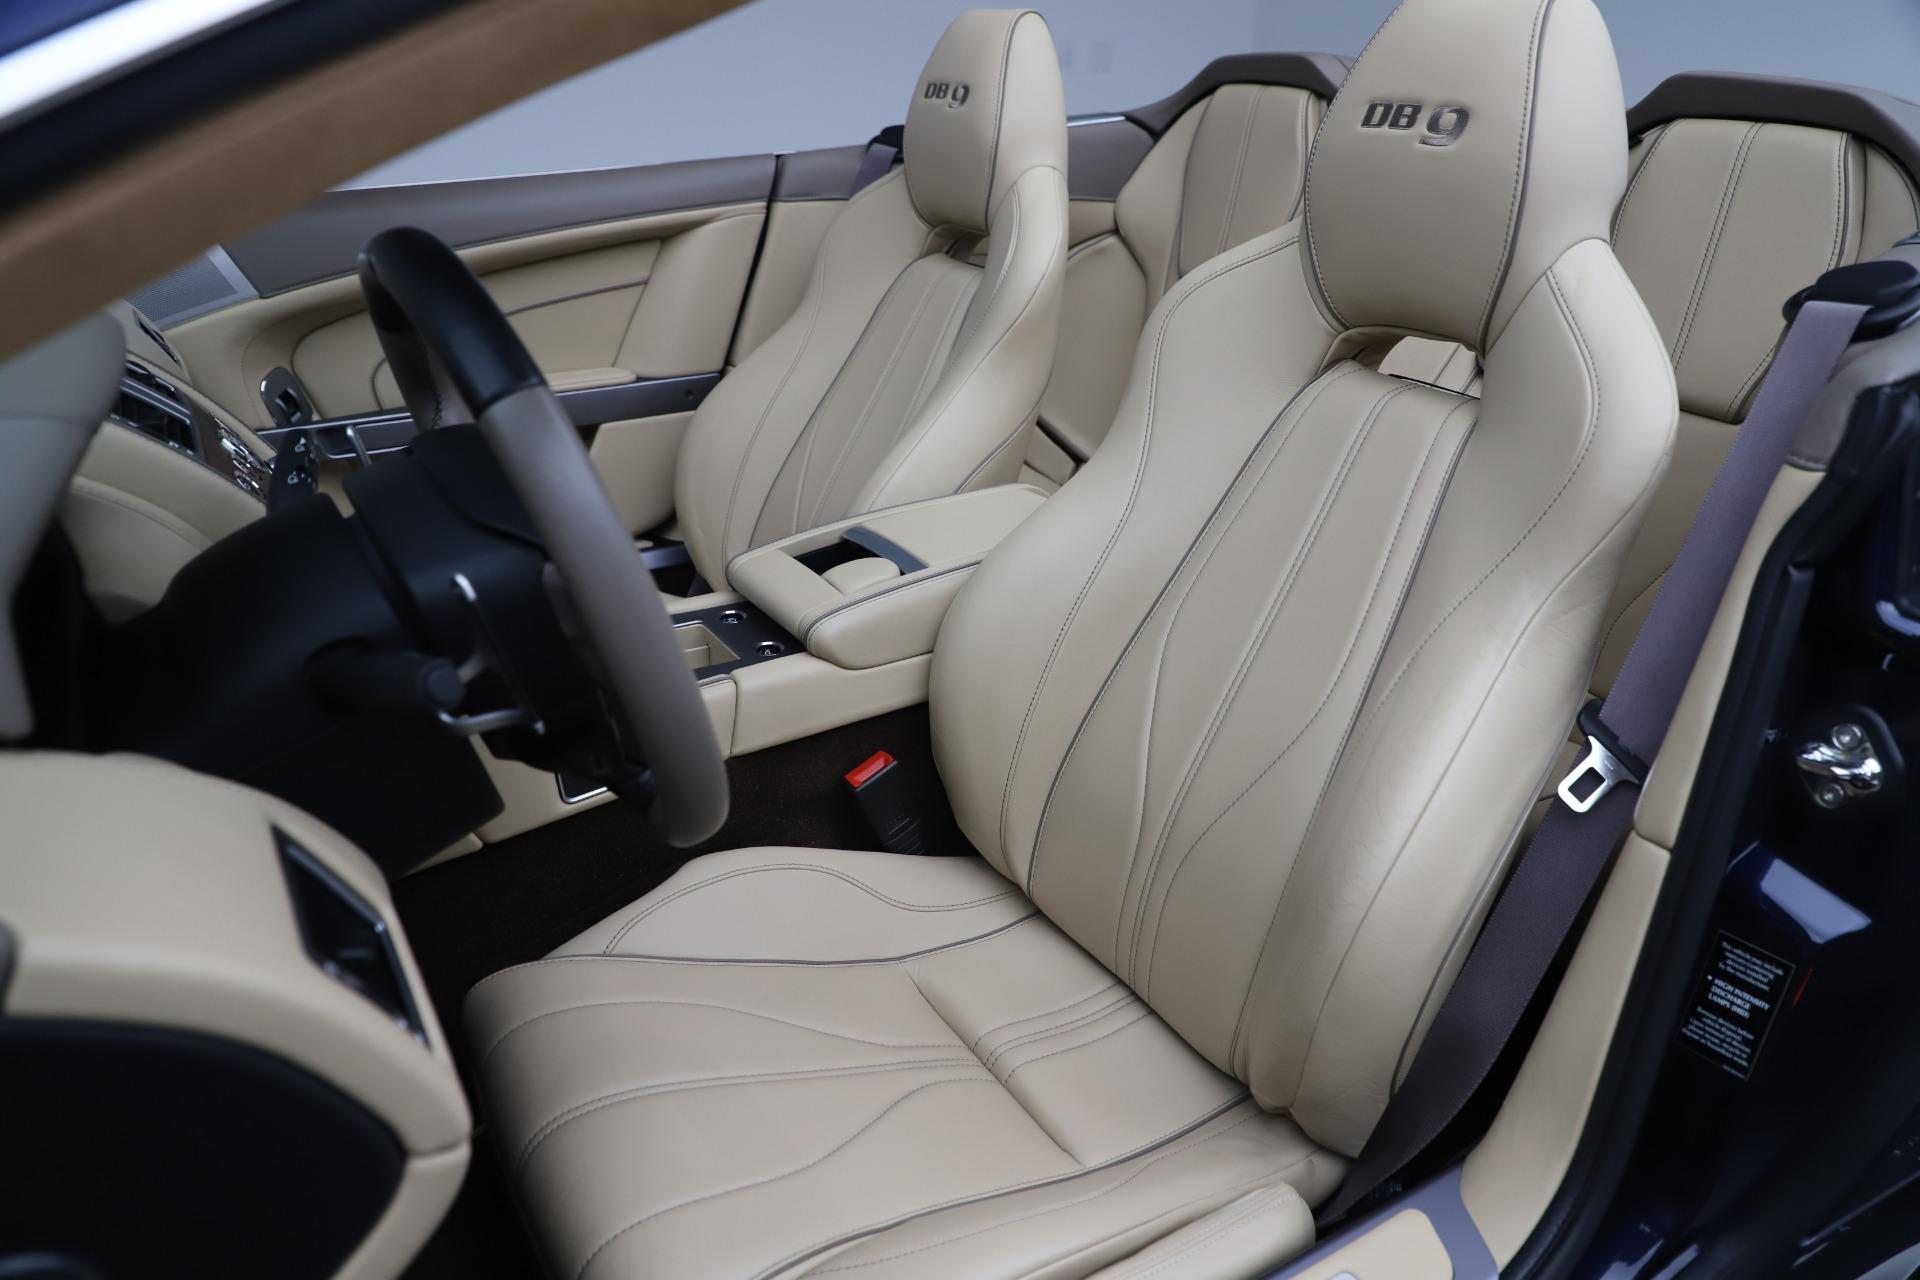 Used 2014 Aston Martin DB9 Volante For Sale In Greenwich, CT 3591_p21